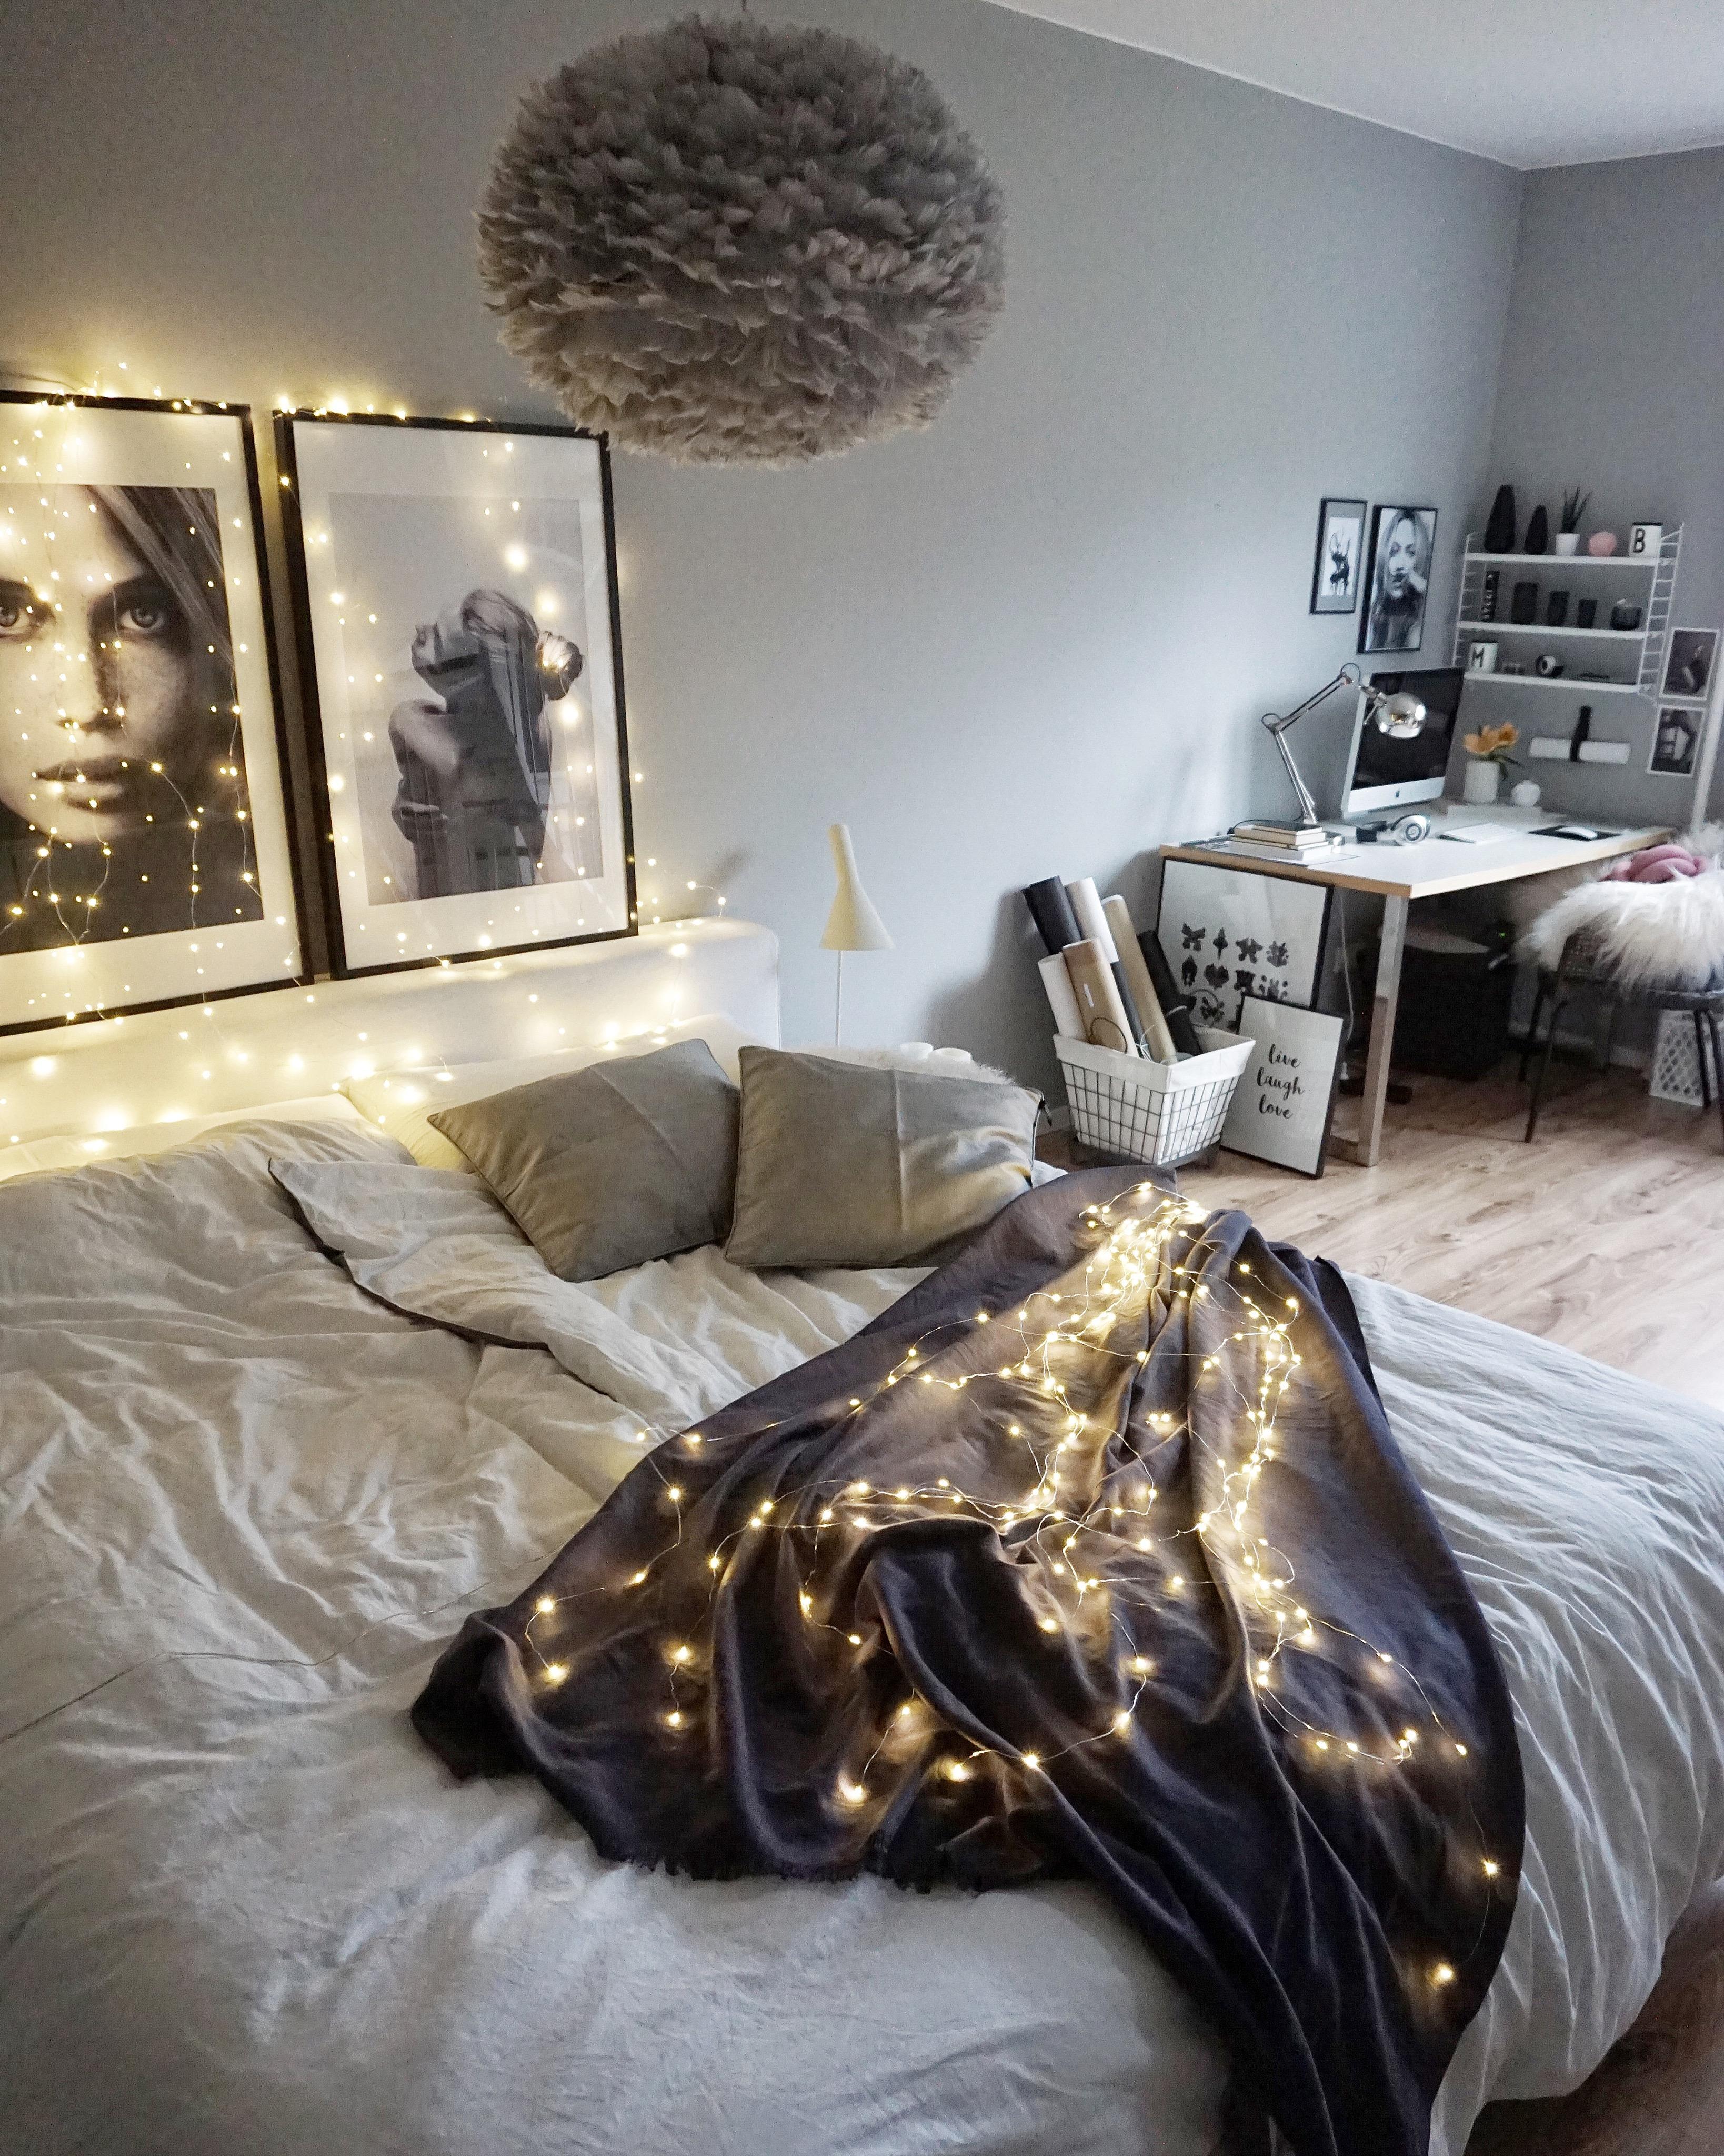 Fabulous Decke 'Nevio' im Schlafzimmer der Bloggerin easyinte... WN08